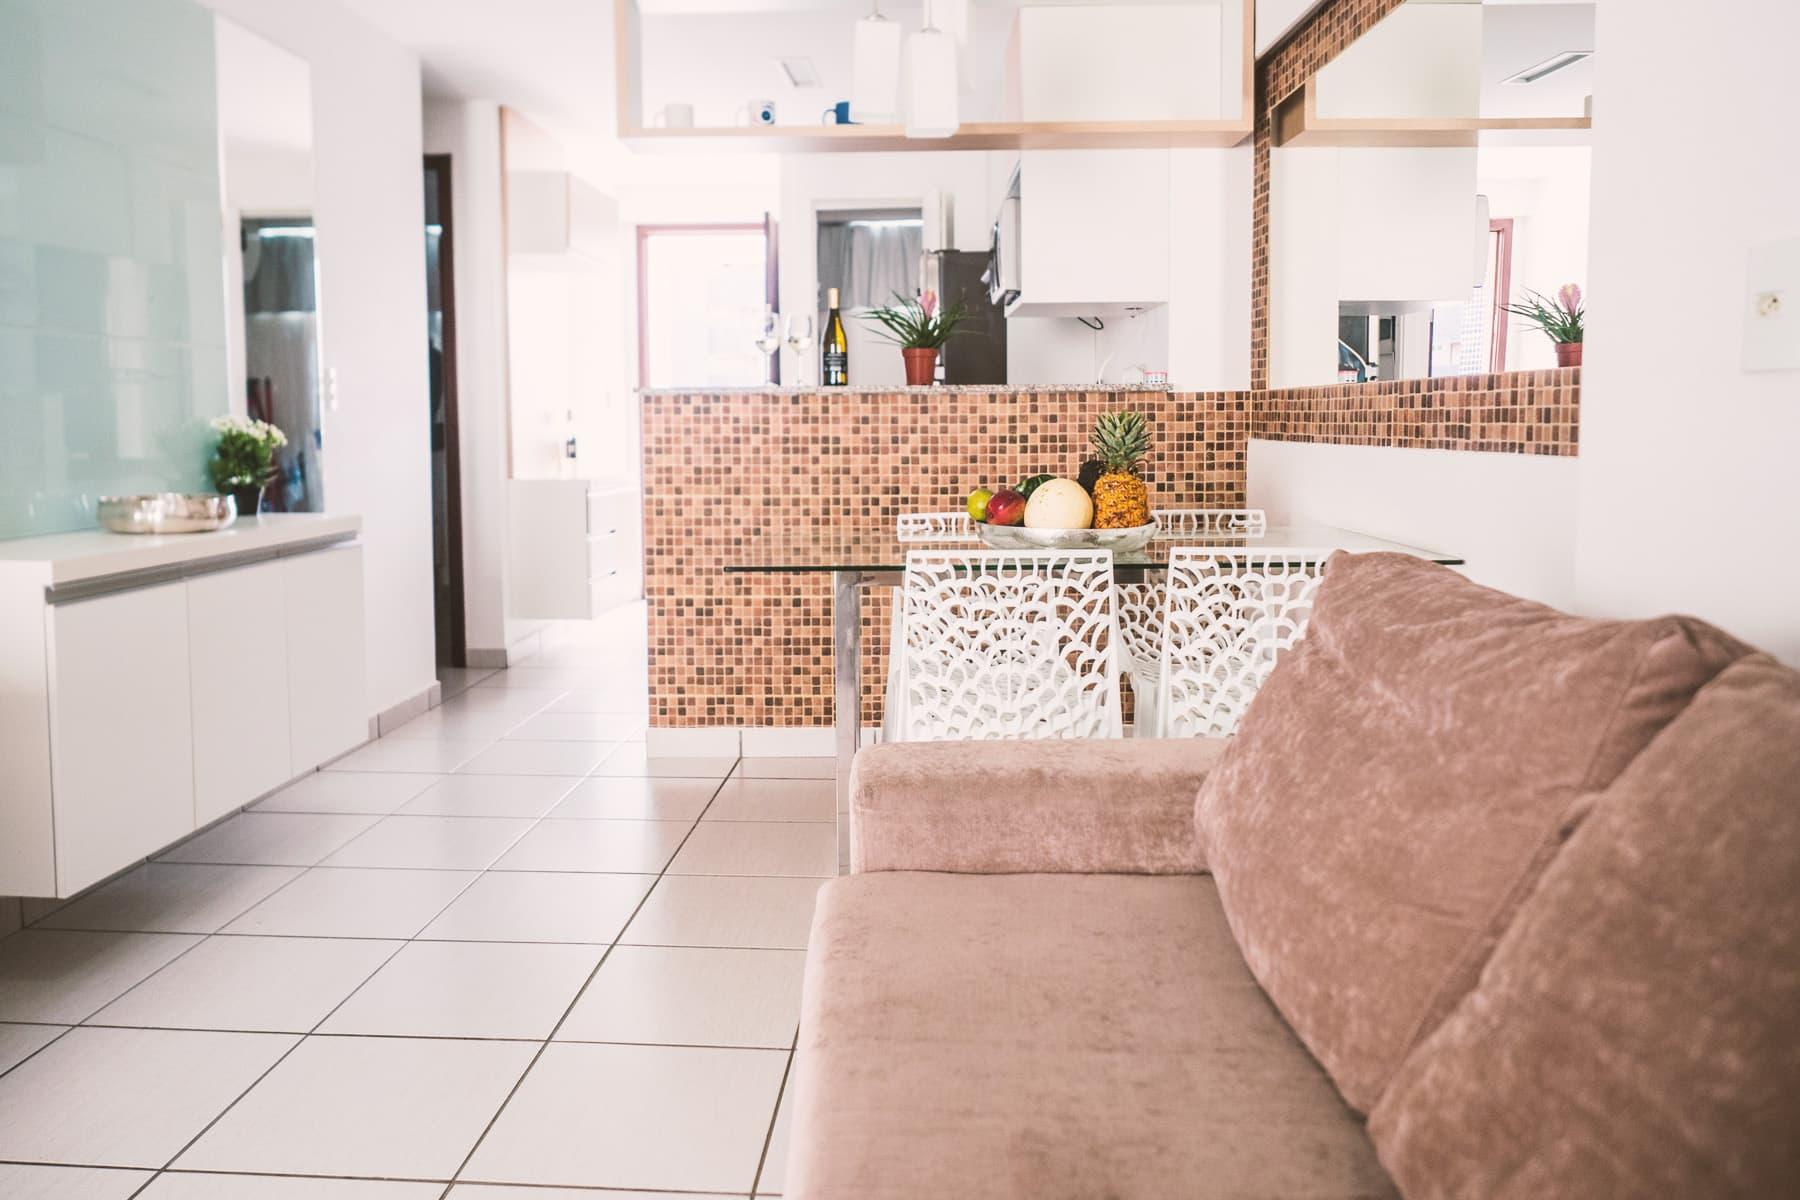 Sala e Cucina - Appartamento Beach Class - Fortaleza - Brasile